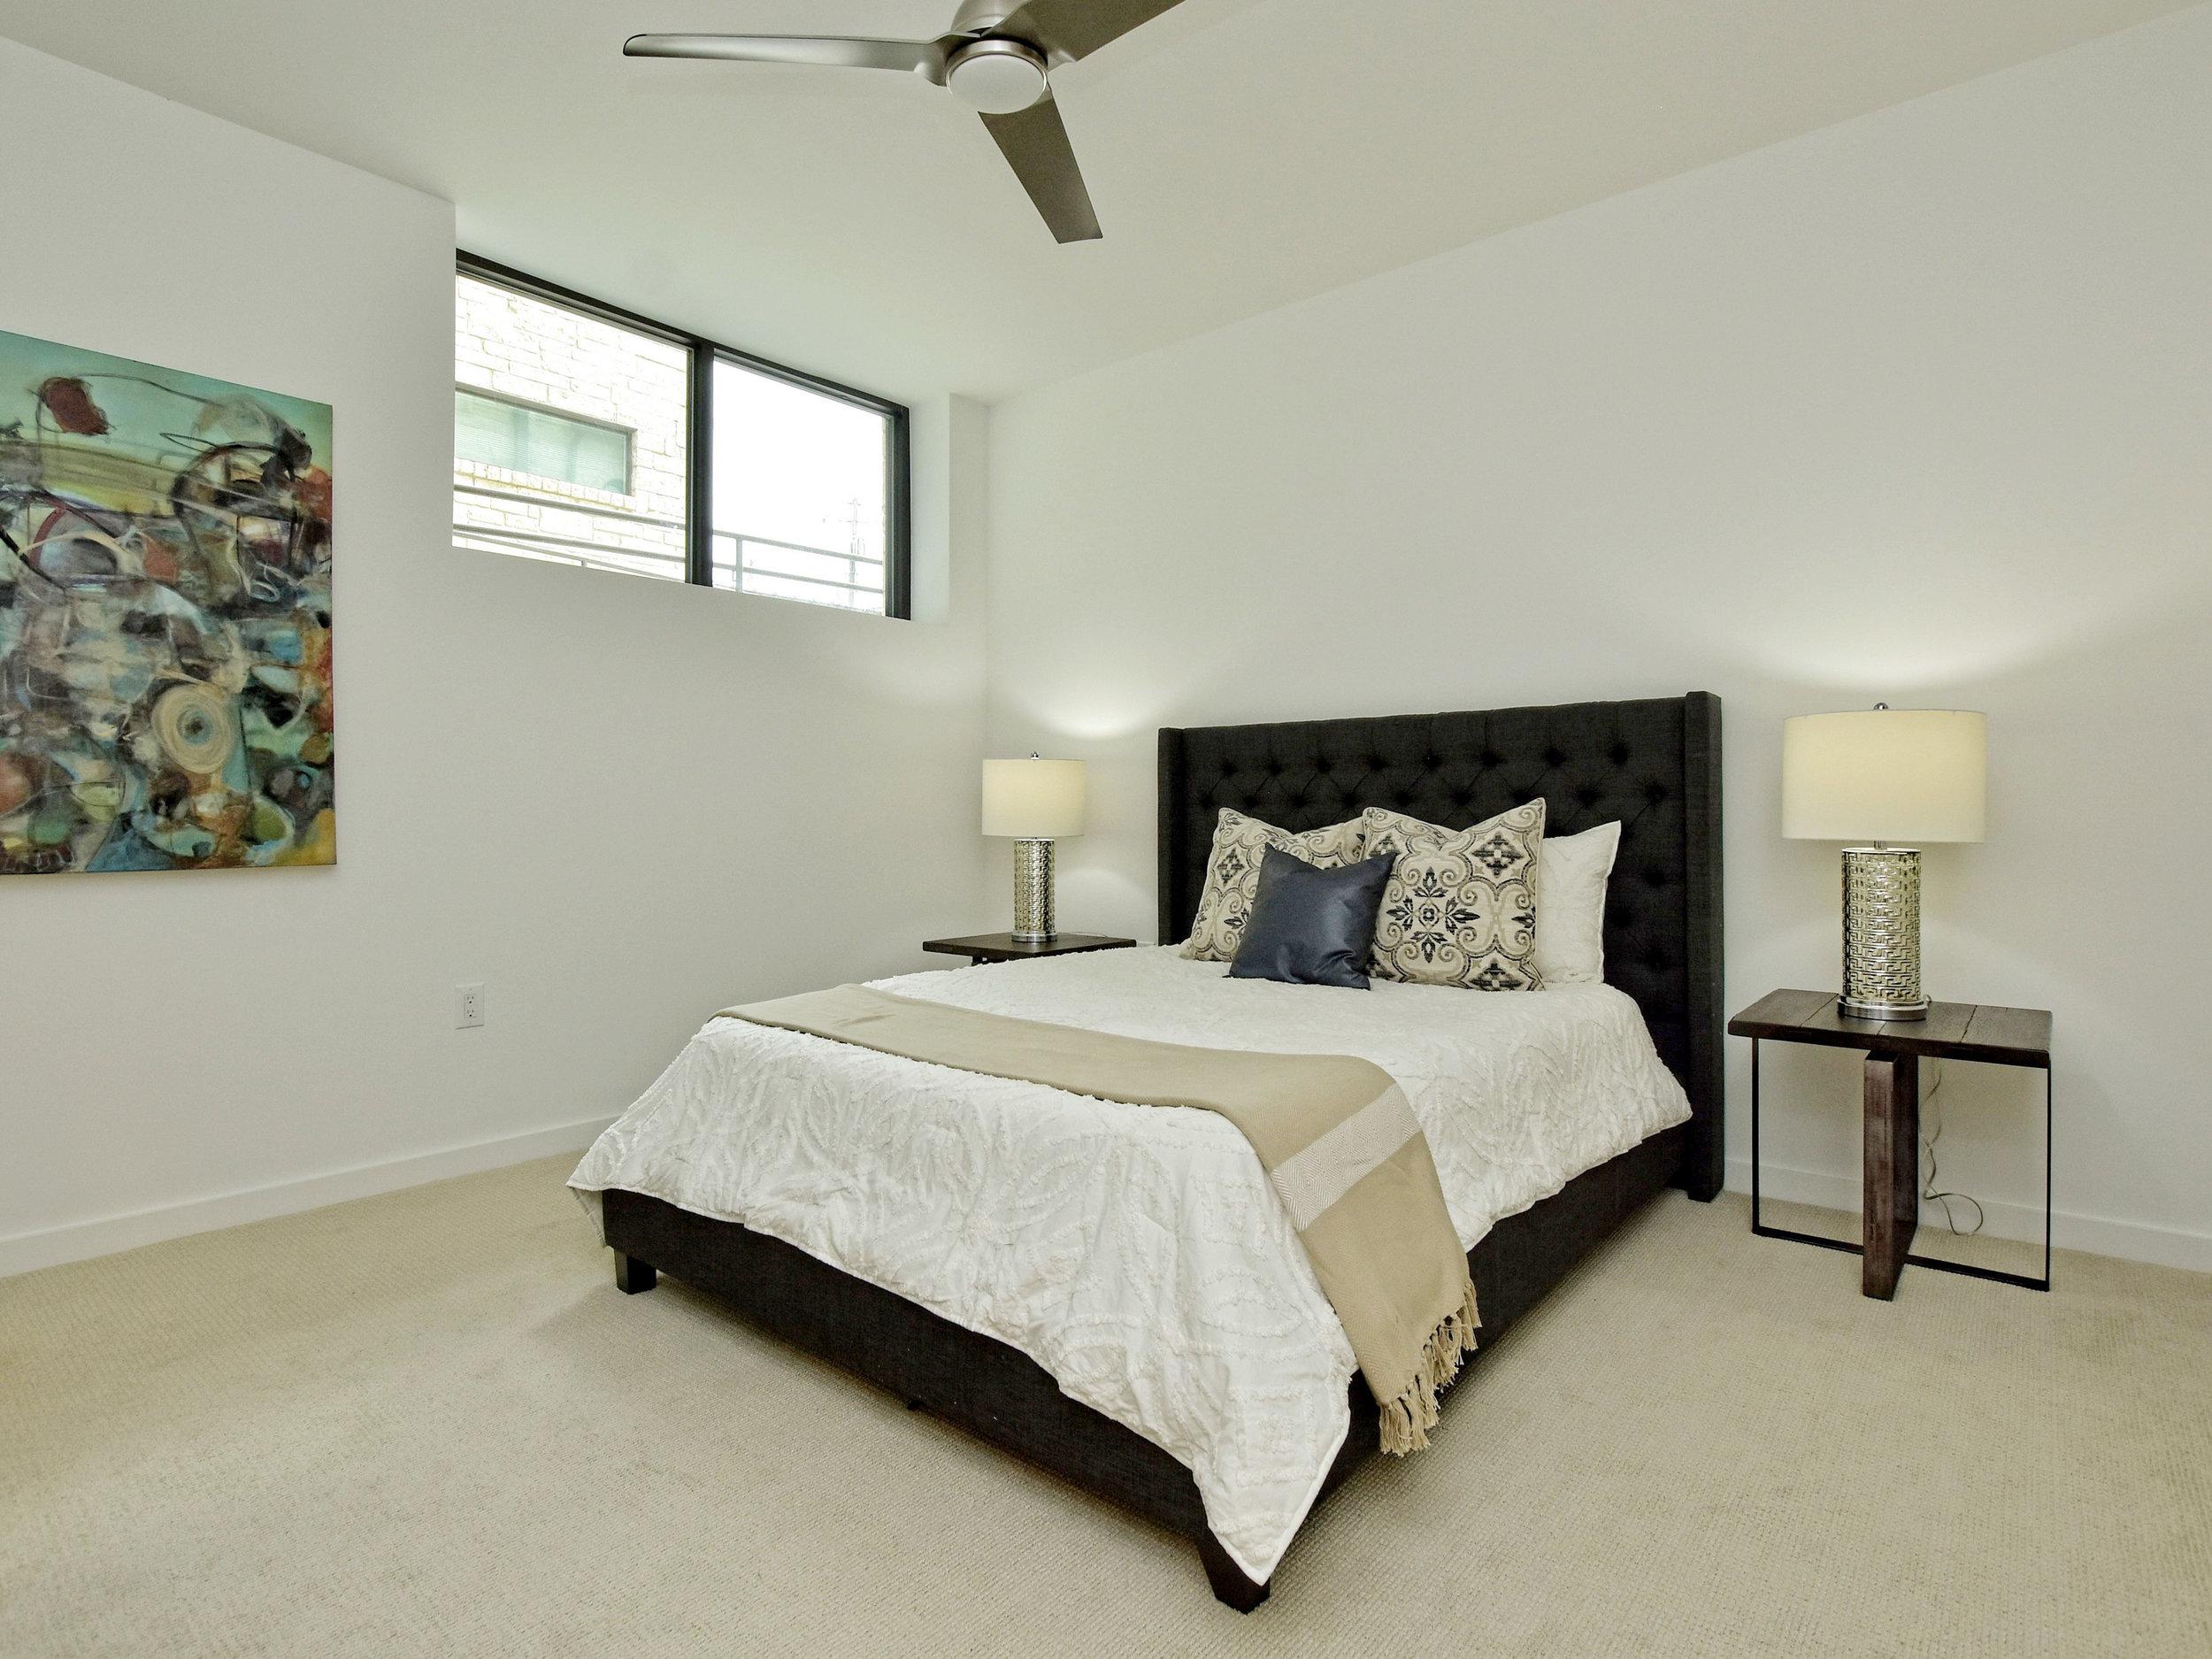 025_2nd Bedroom.jpg